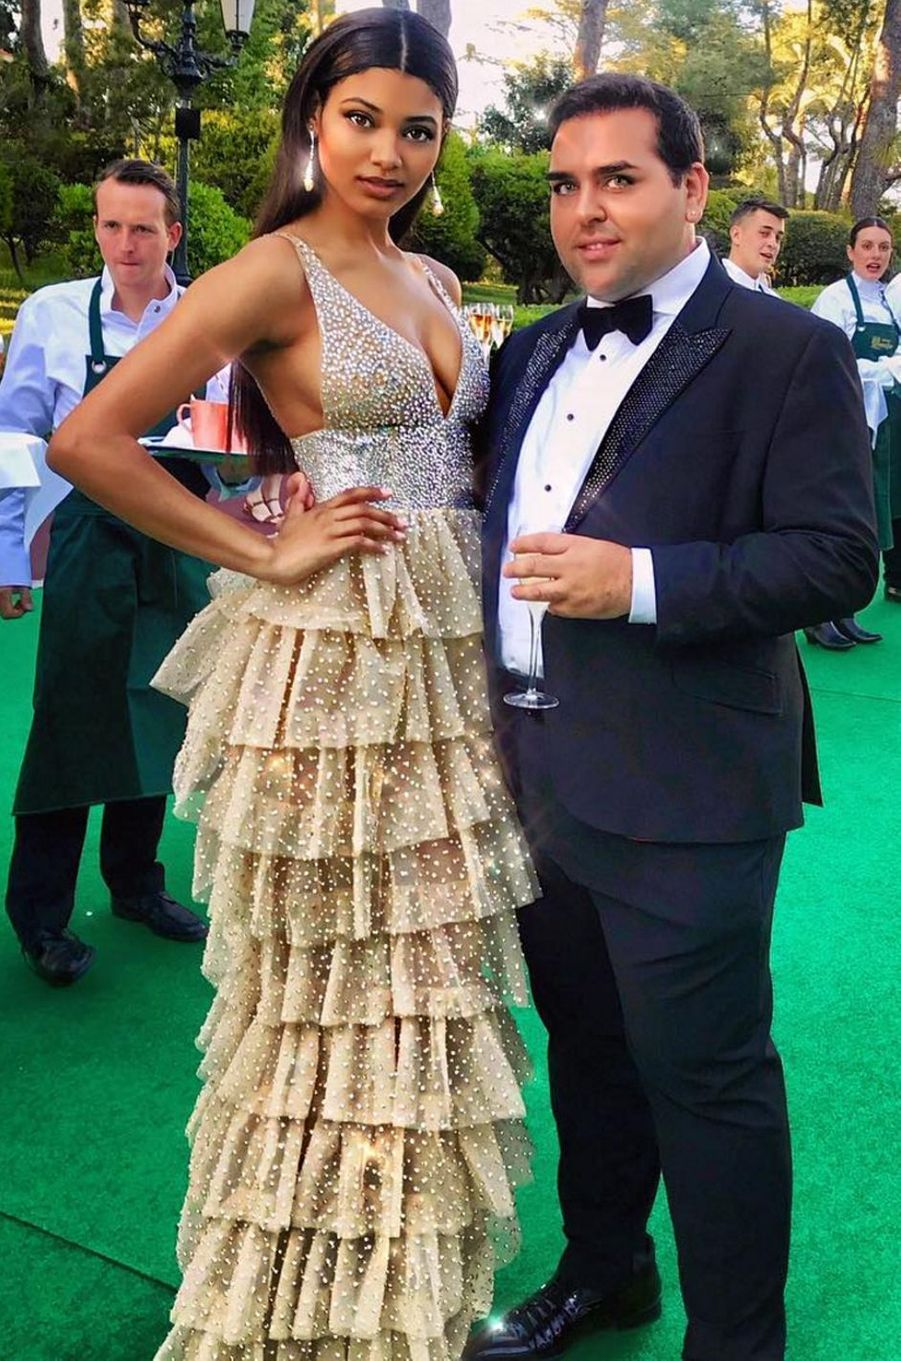 Danielle Herrington et Ali Karoui à Cannes.